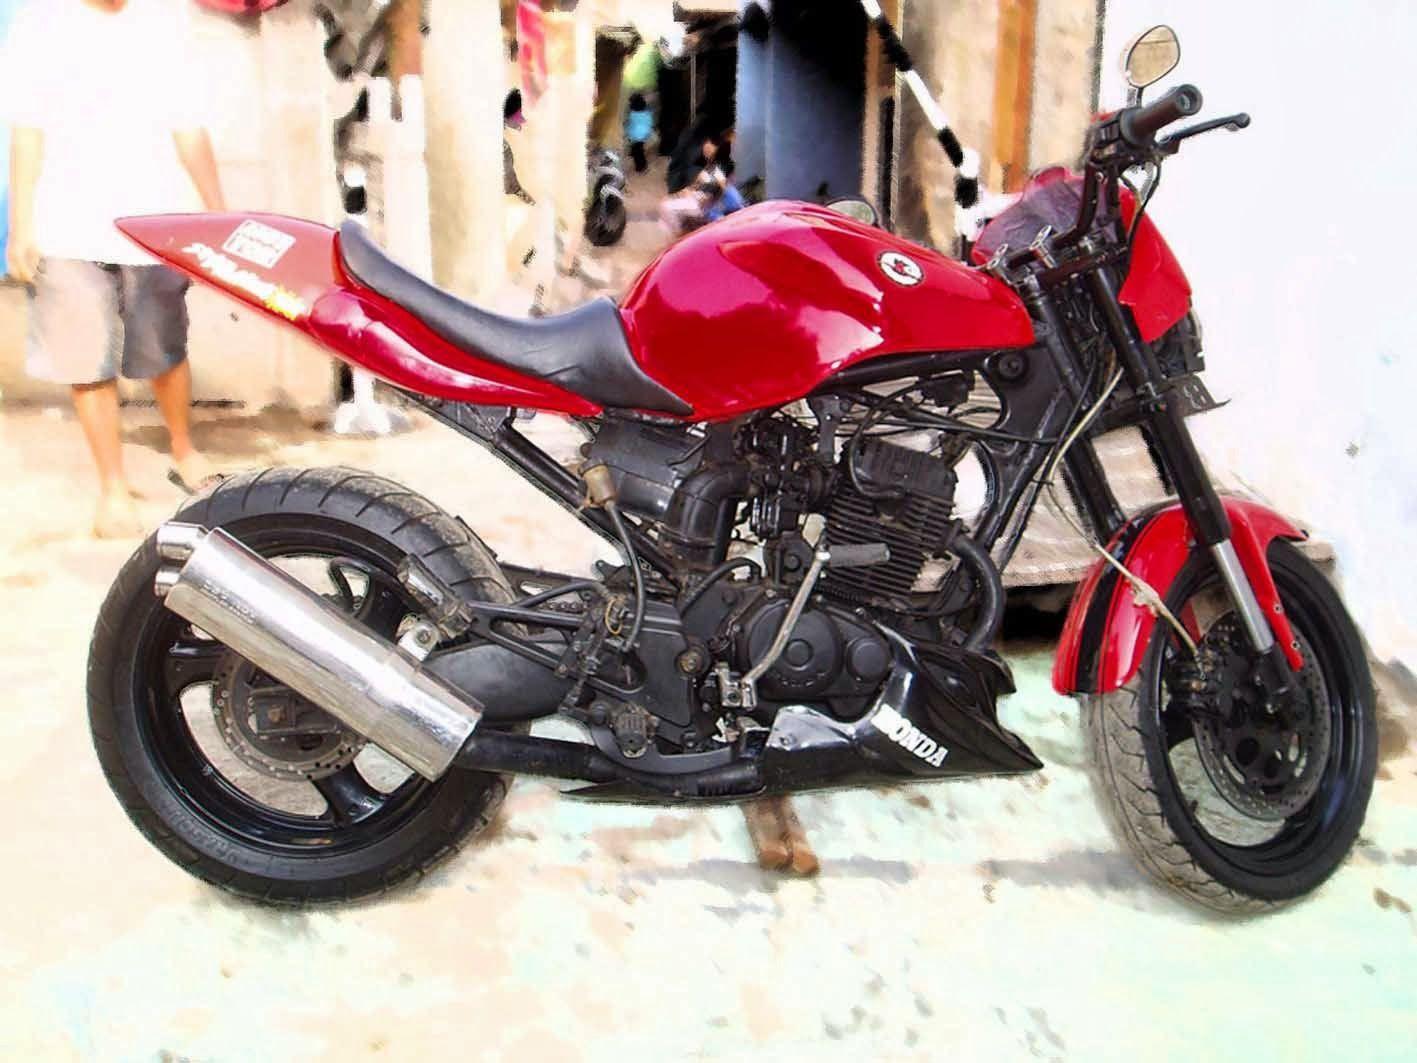 Foto Modifikasi Motor Honda Tiger Agar Tampak Kekar Modifikasi